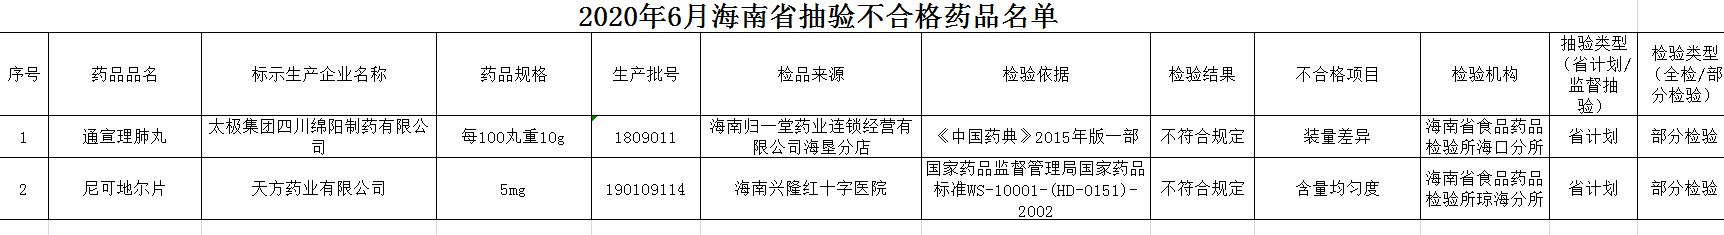 来源:海南省药品监督管理局网站